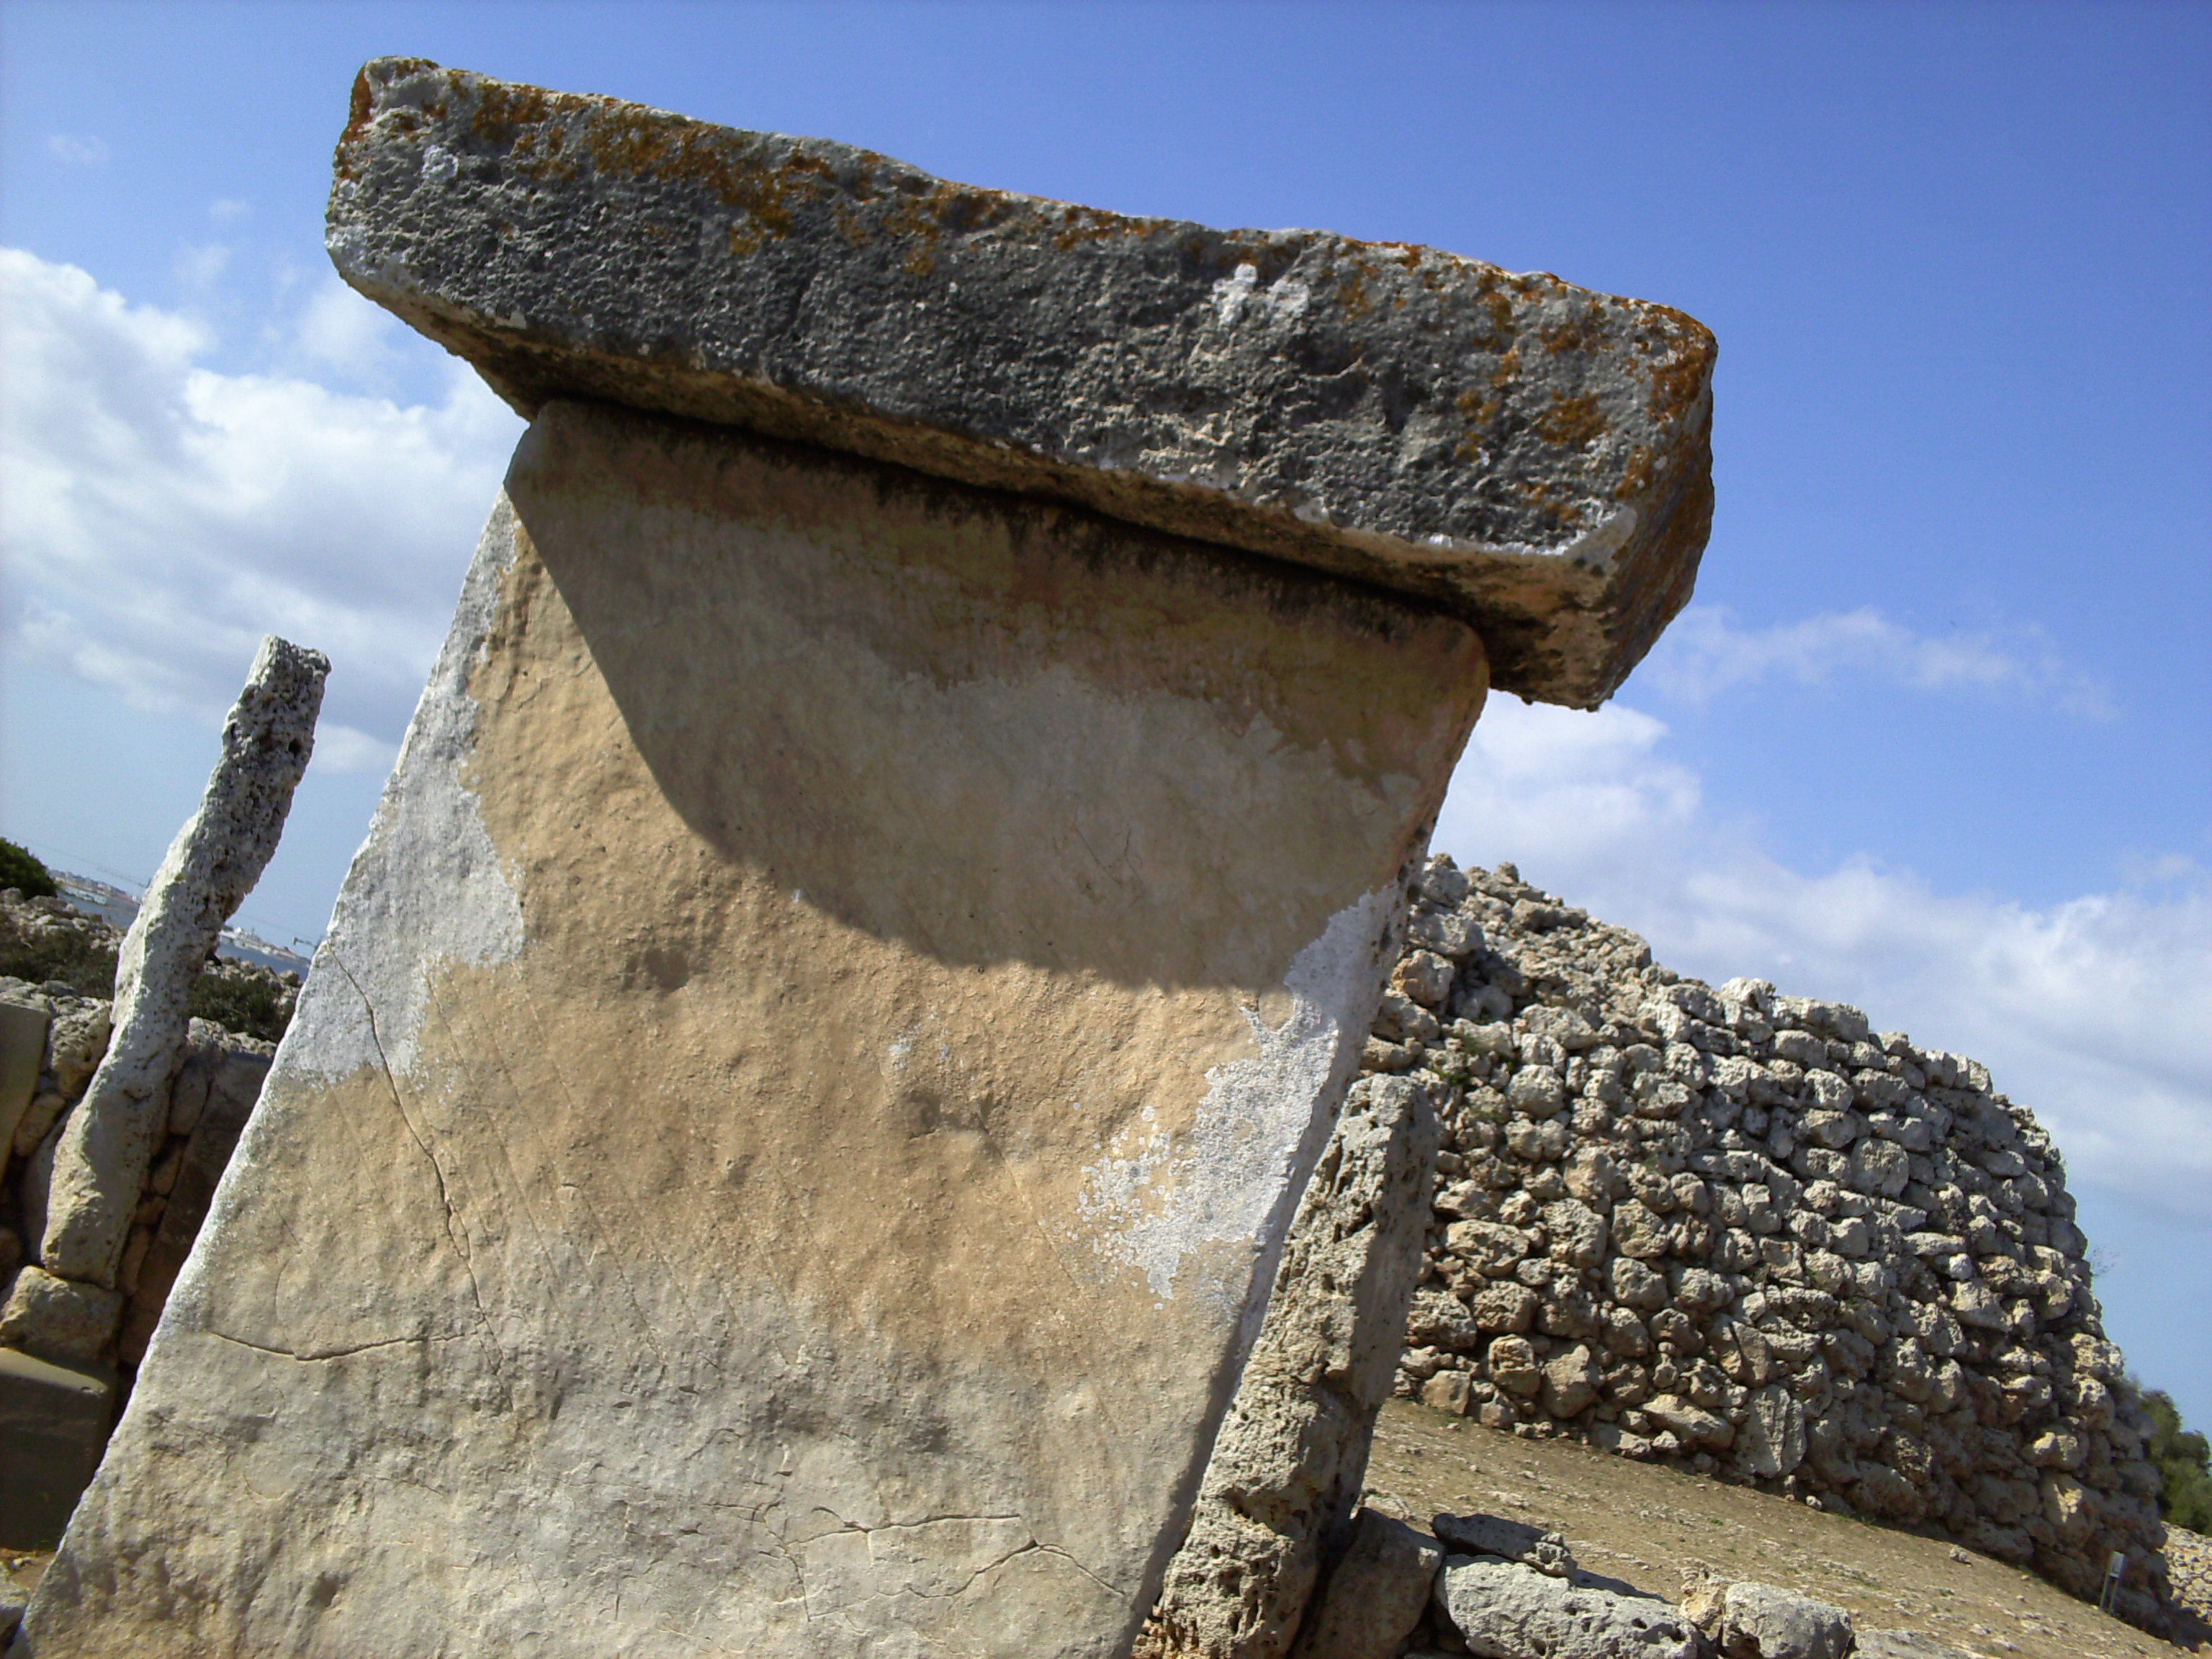 Talaiot darrere una taula, a Menorca.